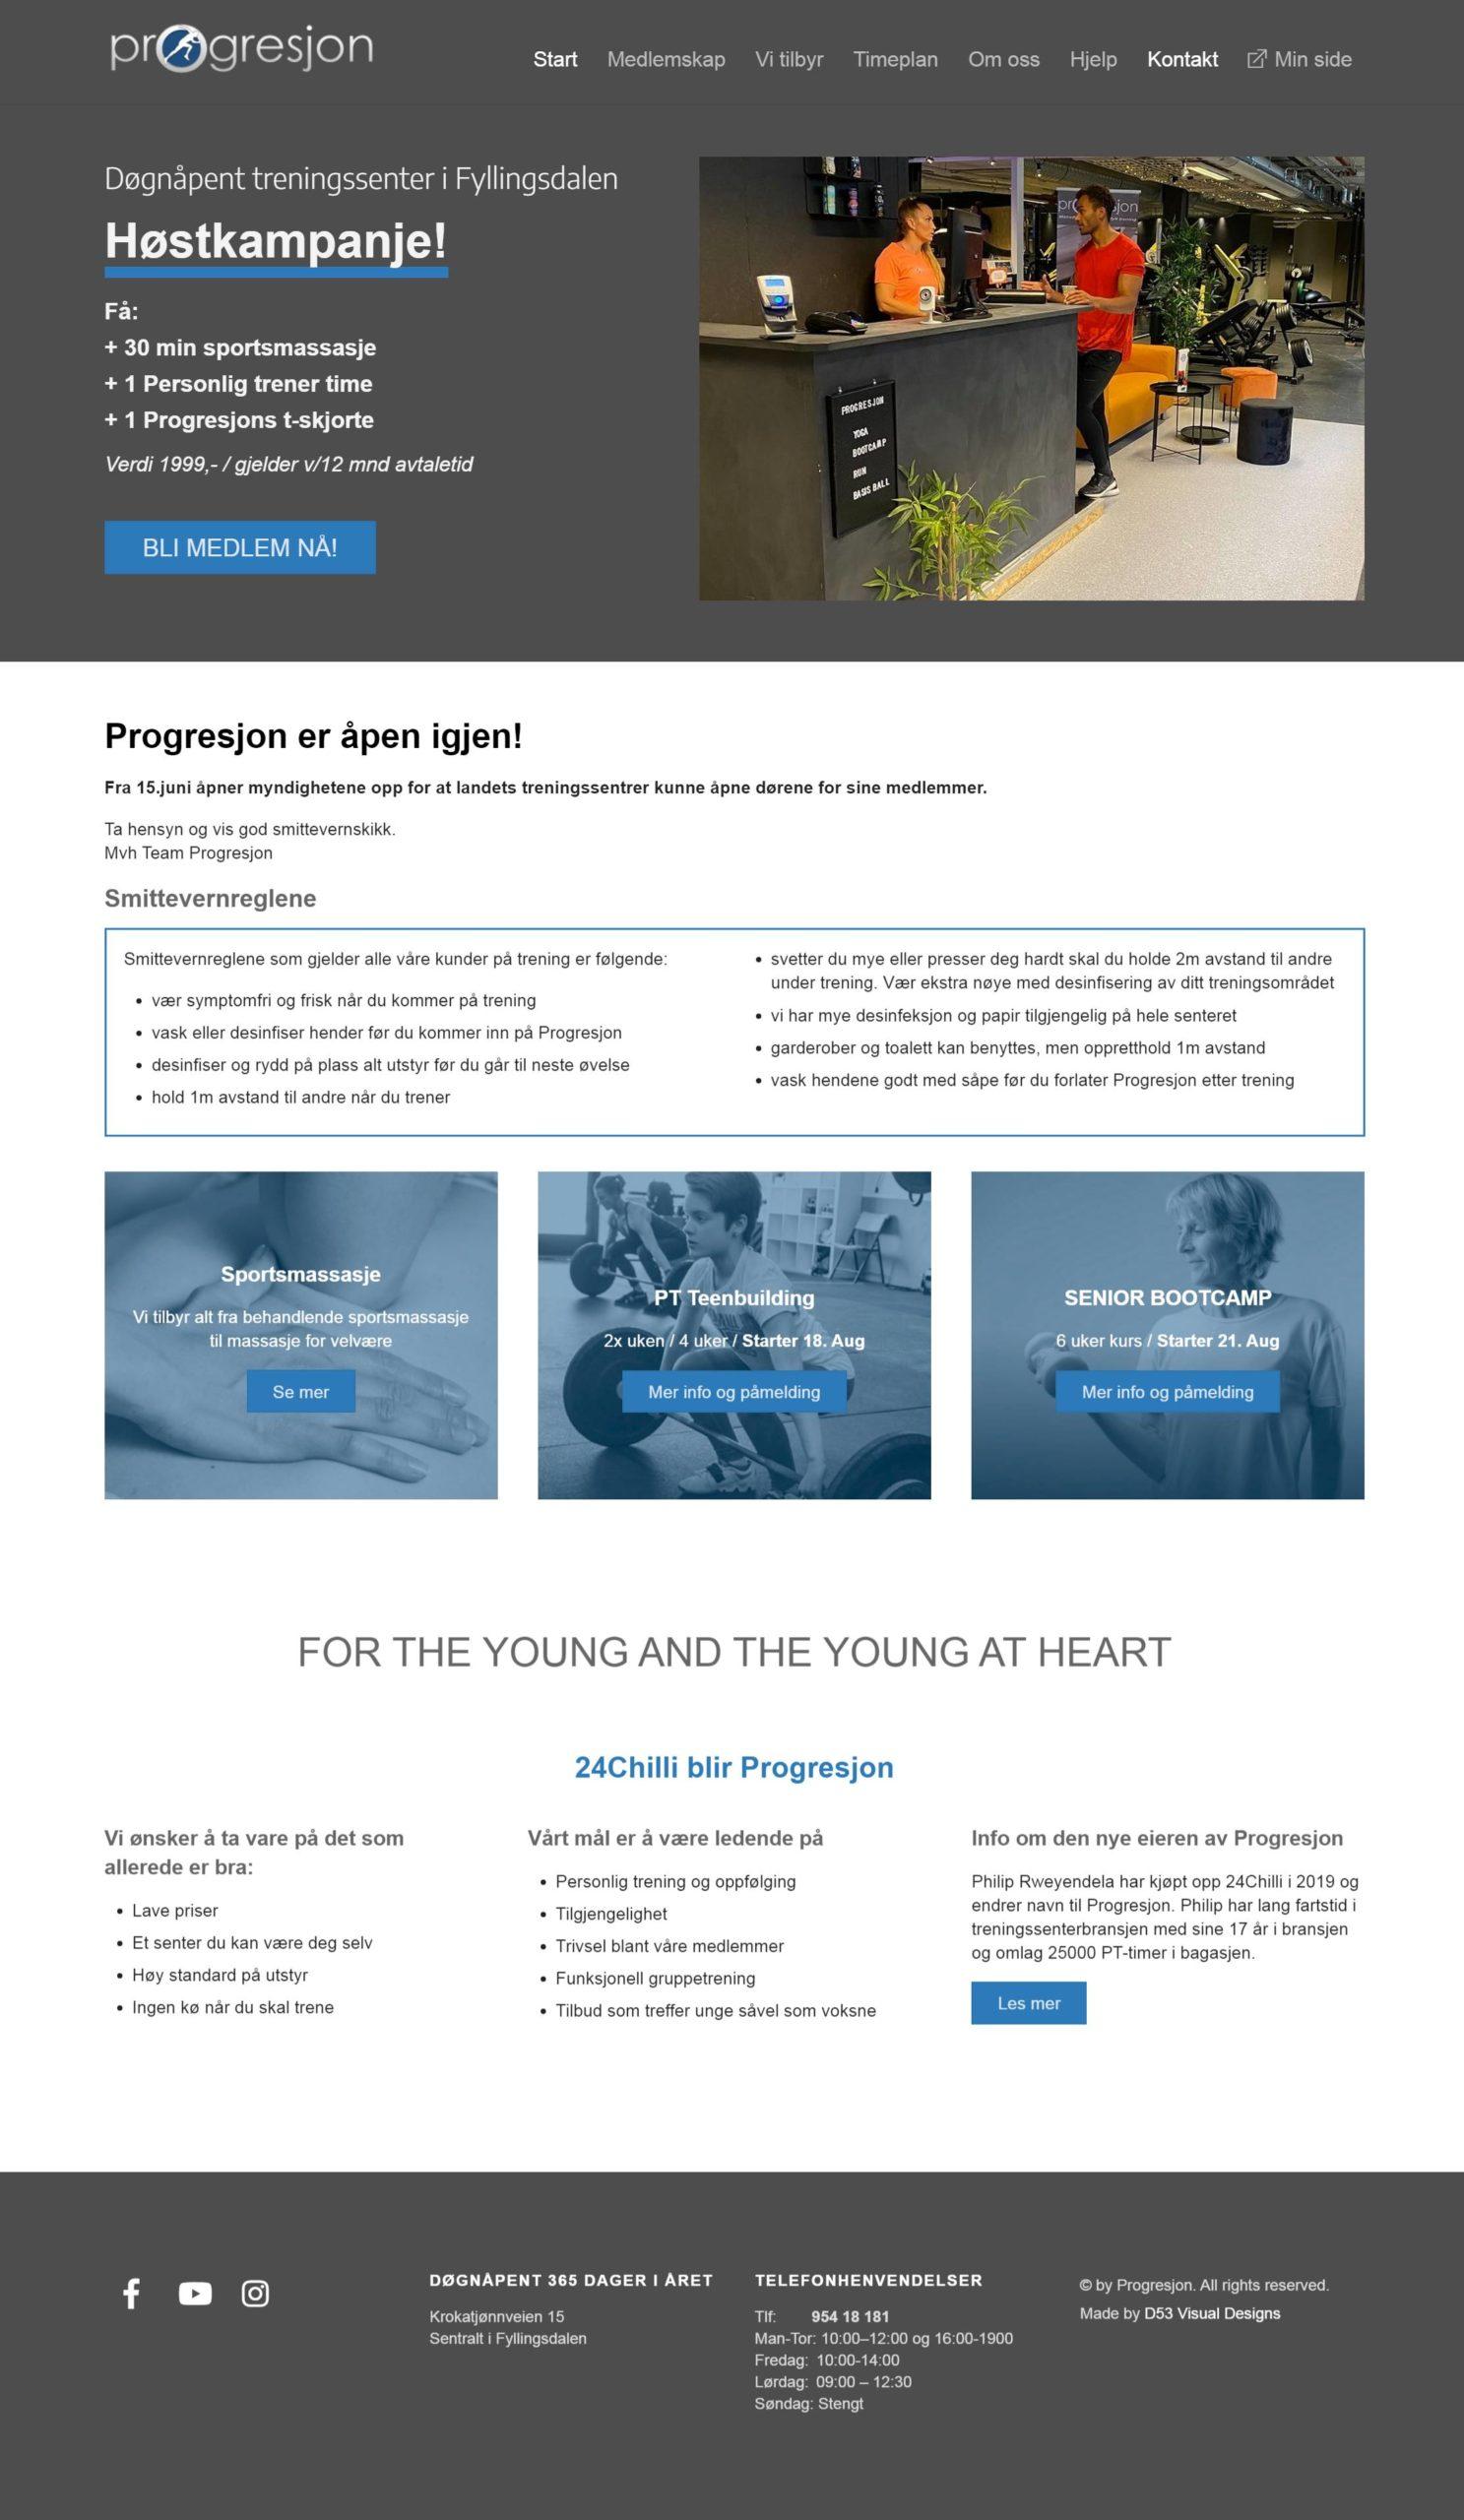 responsve-website-design-webdesign-progresjon-2020